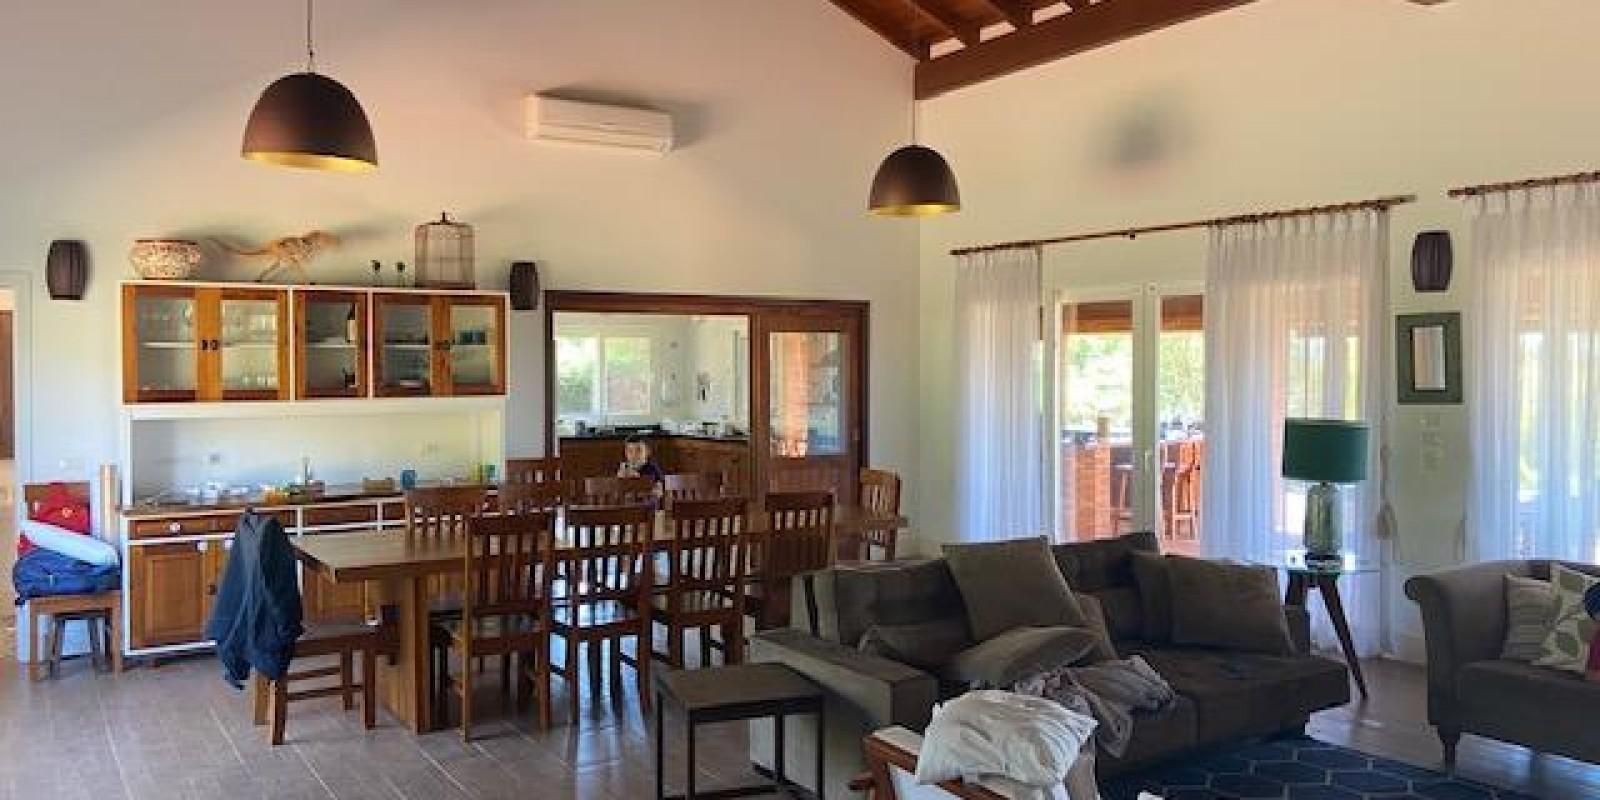 Casa na Represa no Condomínio Parque Náutico em Avaré SP  - Foto 33 de 57